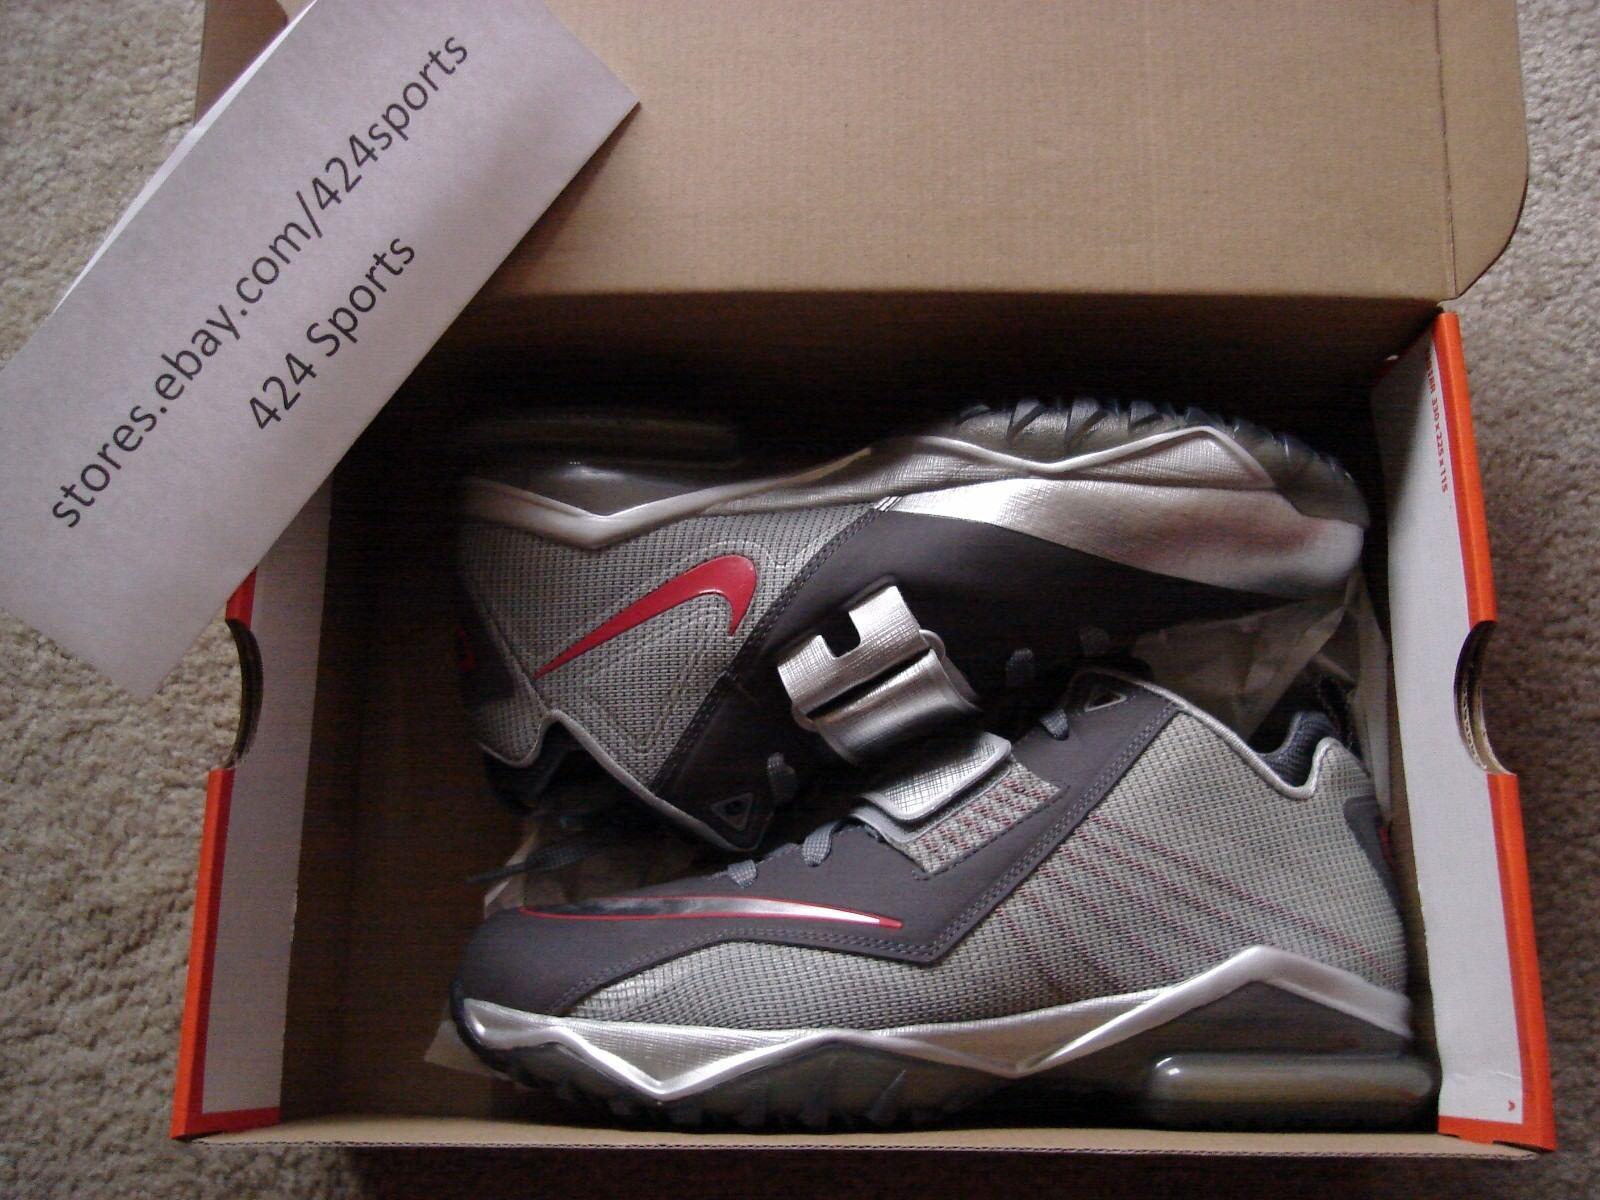 Nike cj 81 dimensioni trainer 2 643258 006 calvin johnson silver leoni nfl